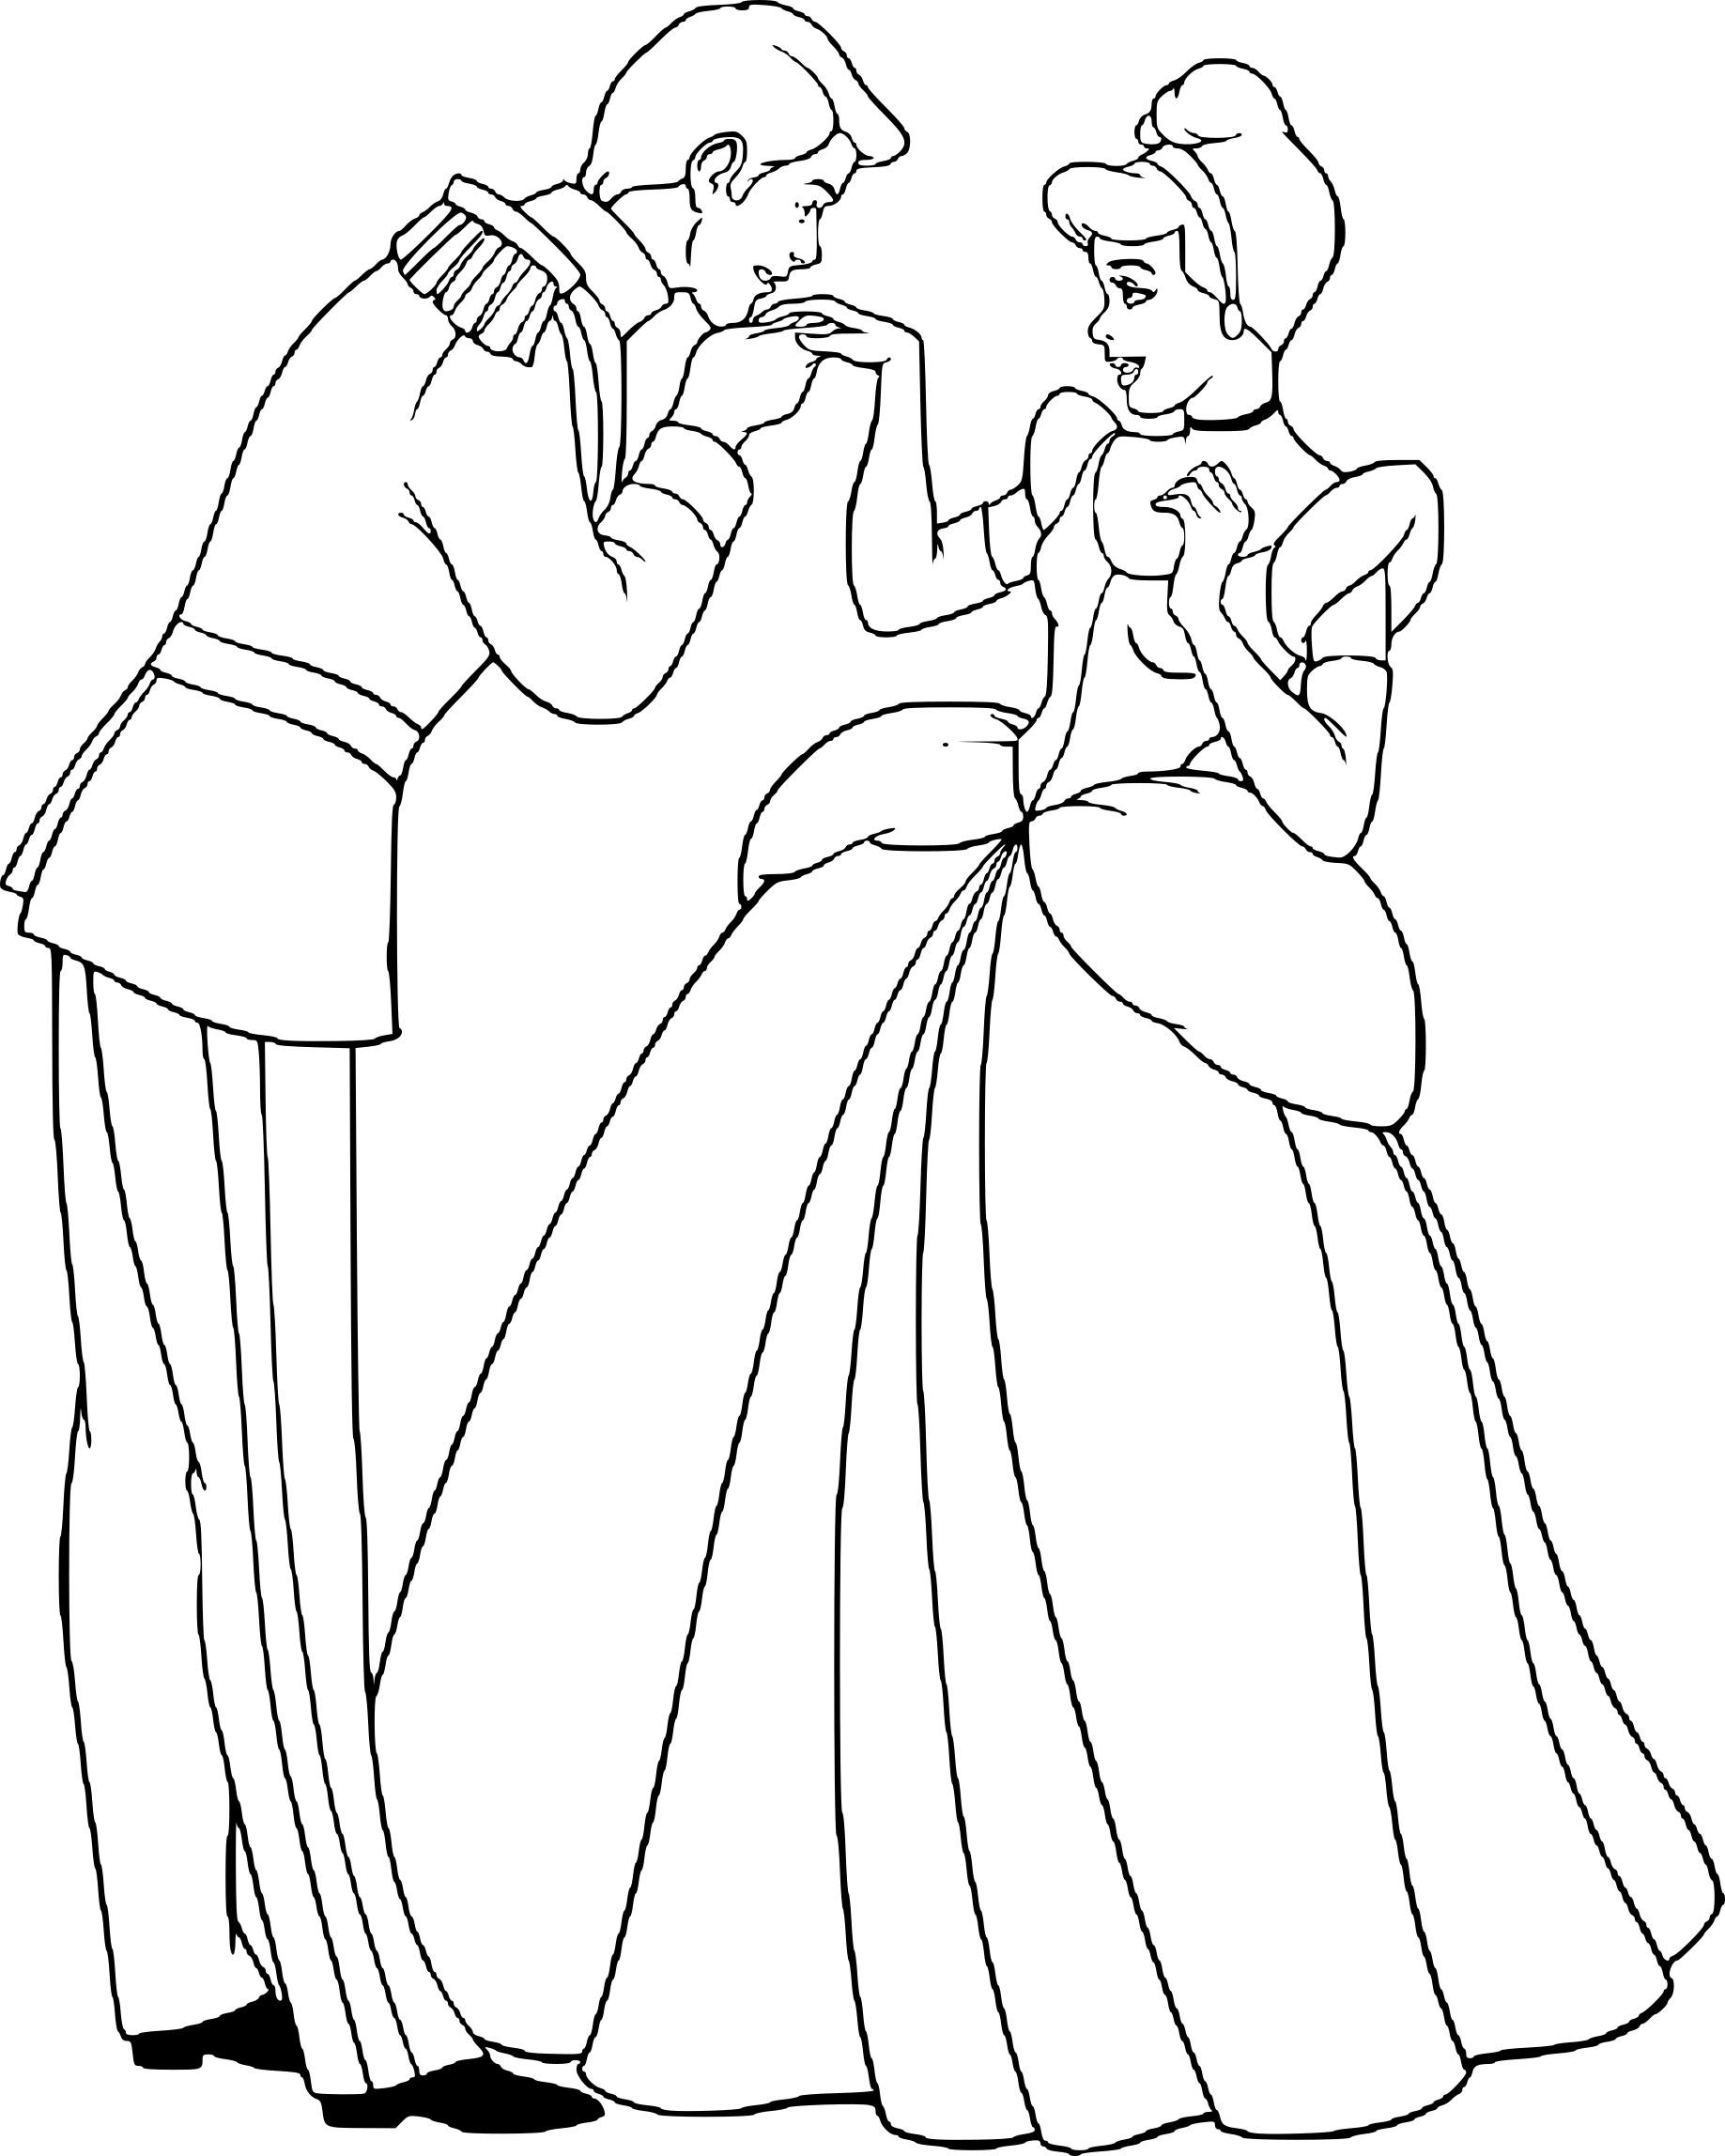 Coloriage Cendrillon Prince À Imprimer Sur Coloriages concernant Cendrillon Dessin A Imprimer